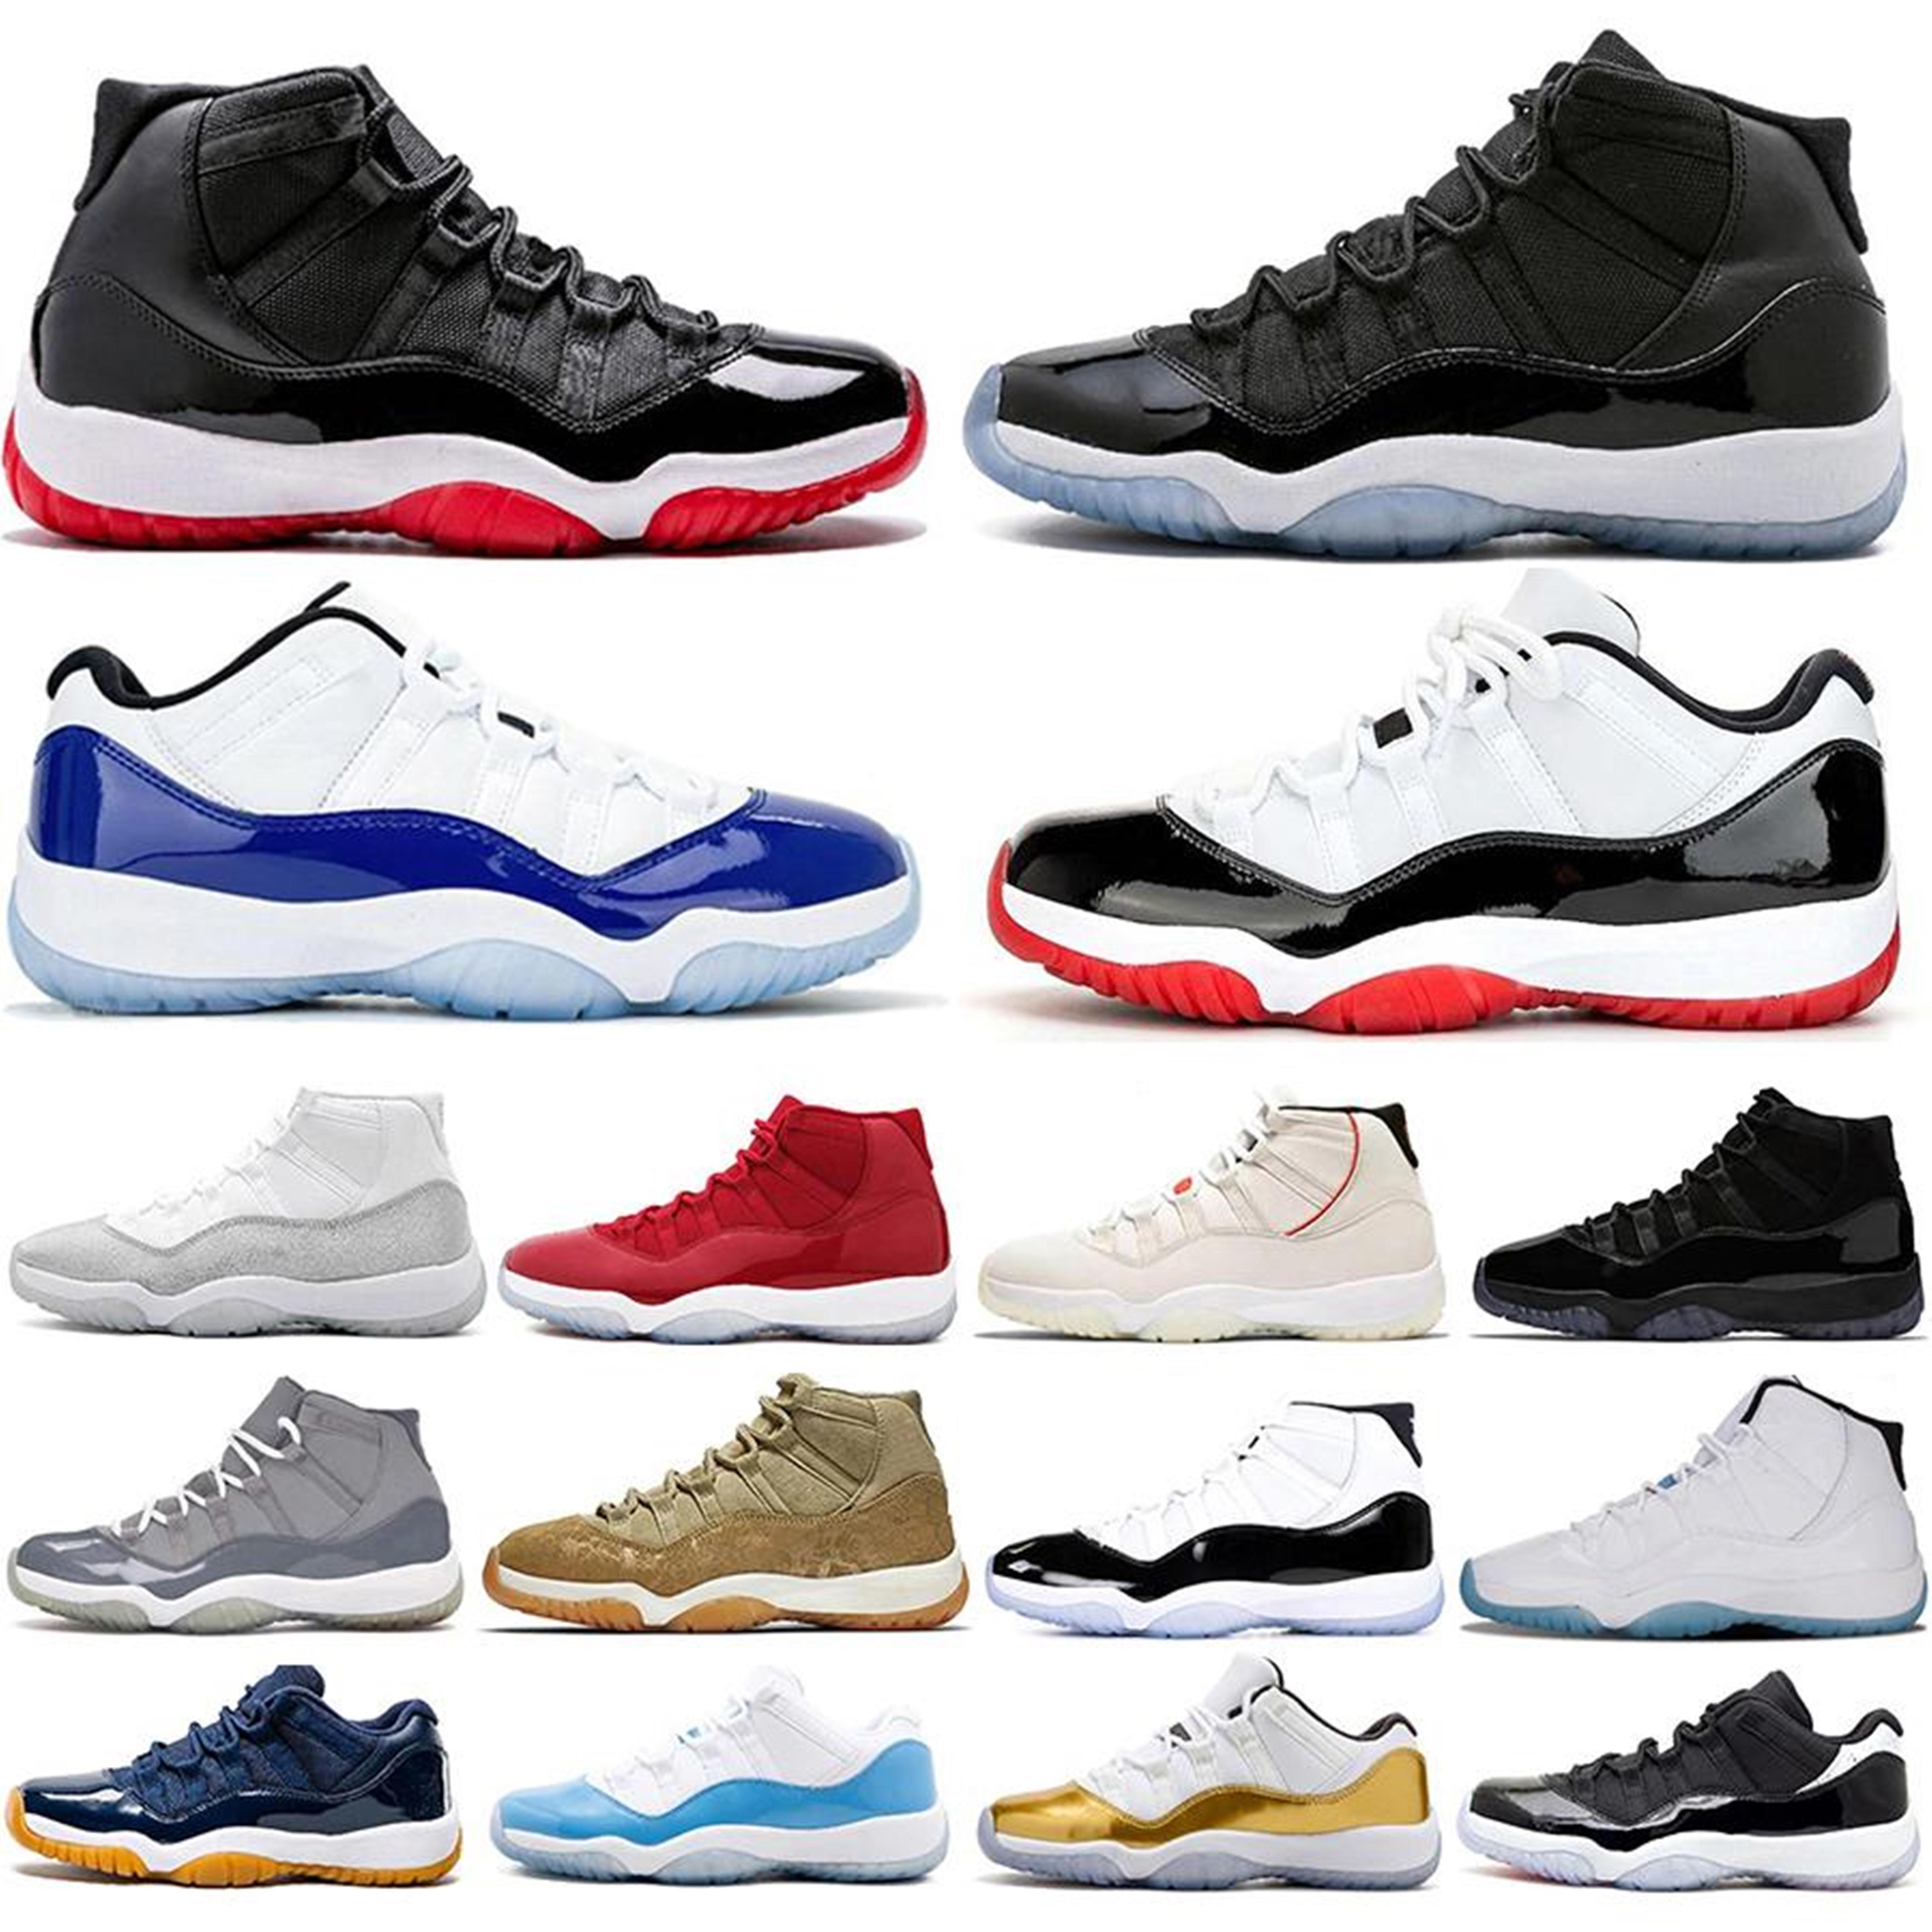 Jumpman 11 11 S Erkek Basketbol Ayakkabıları Maroon Platin Tonu Pembe Yılan Cilt Serin Gri Düşük Beyaz Sreted Gül Altın Erkekler Kadın Spor Sneakers